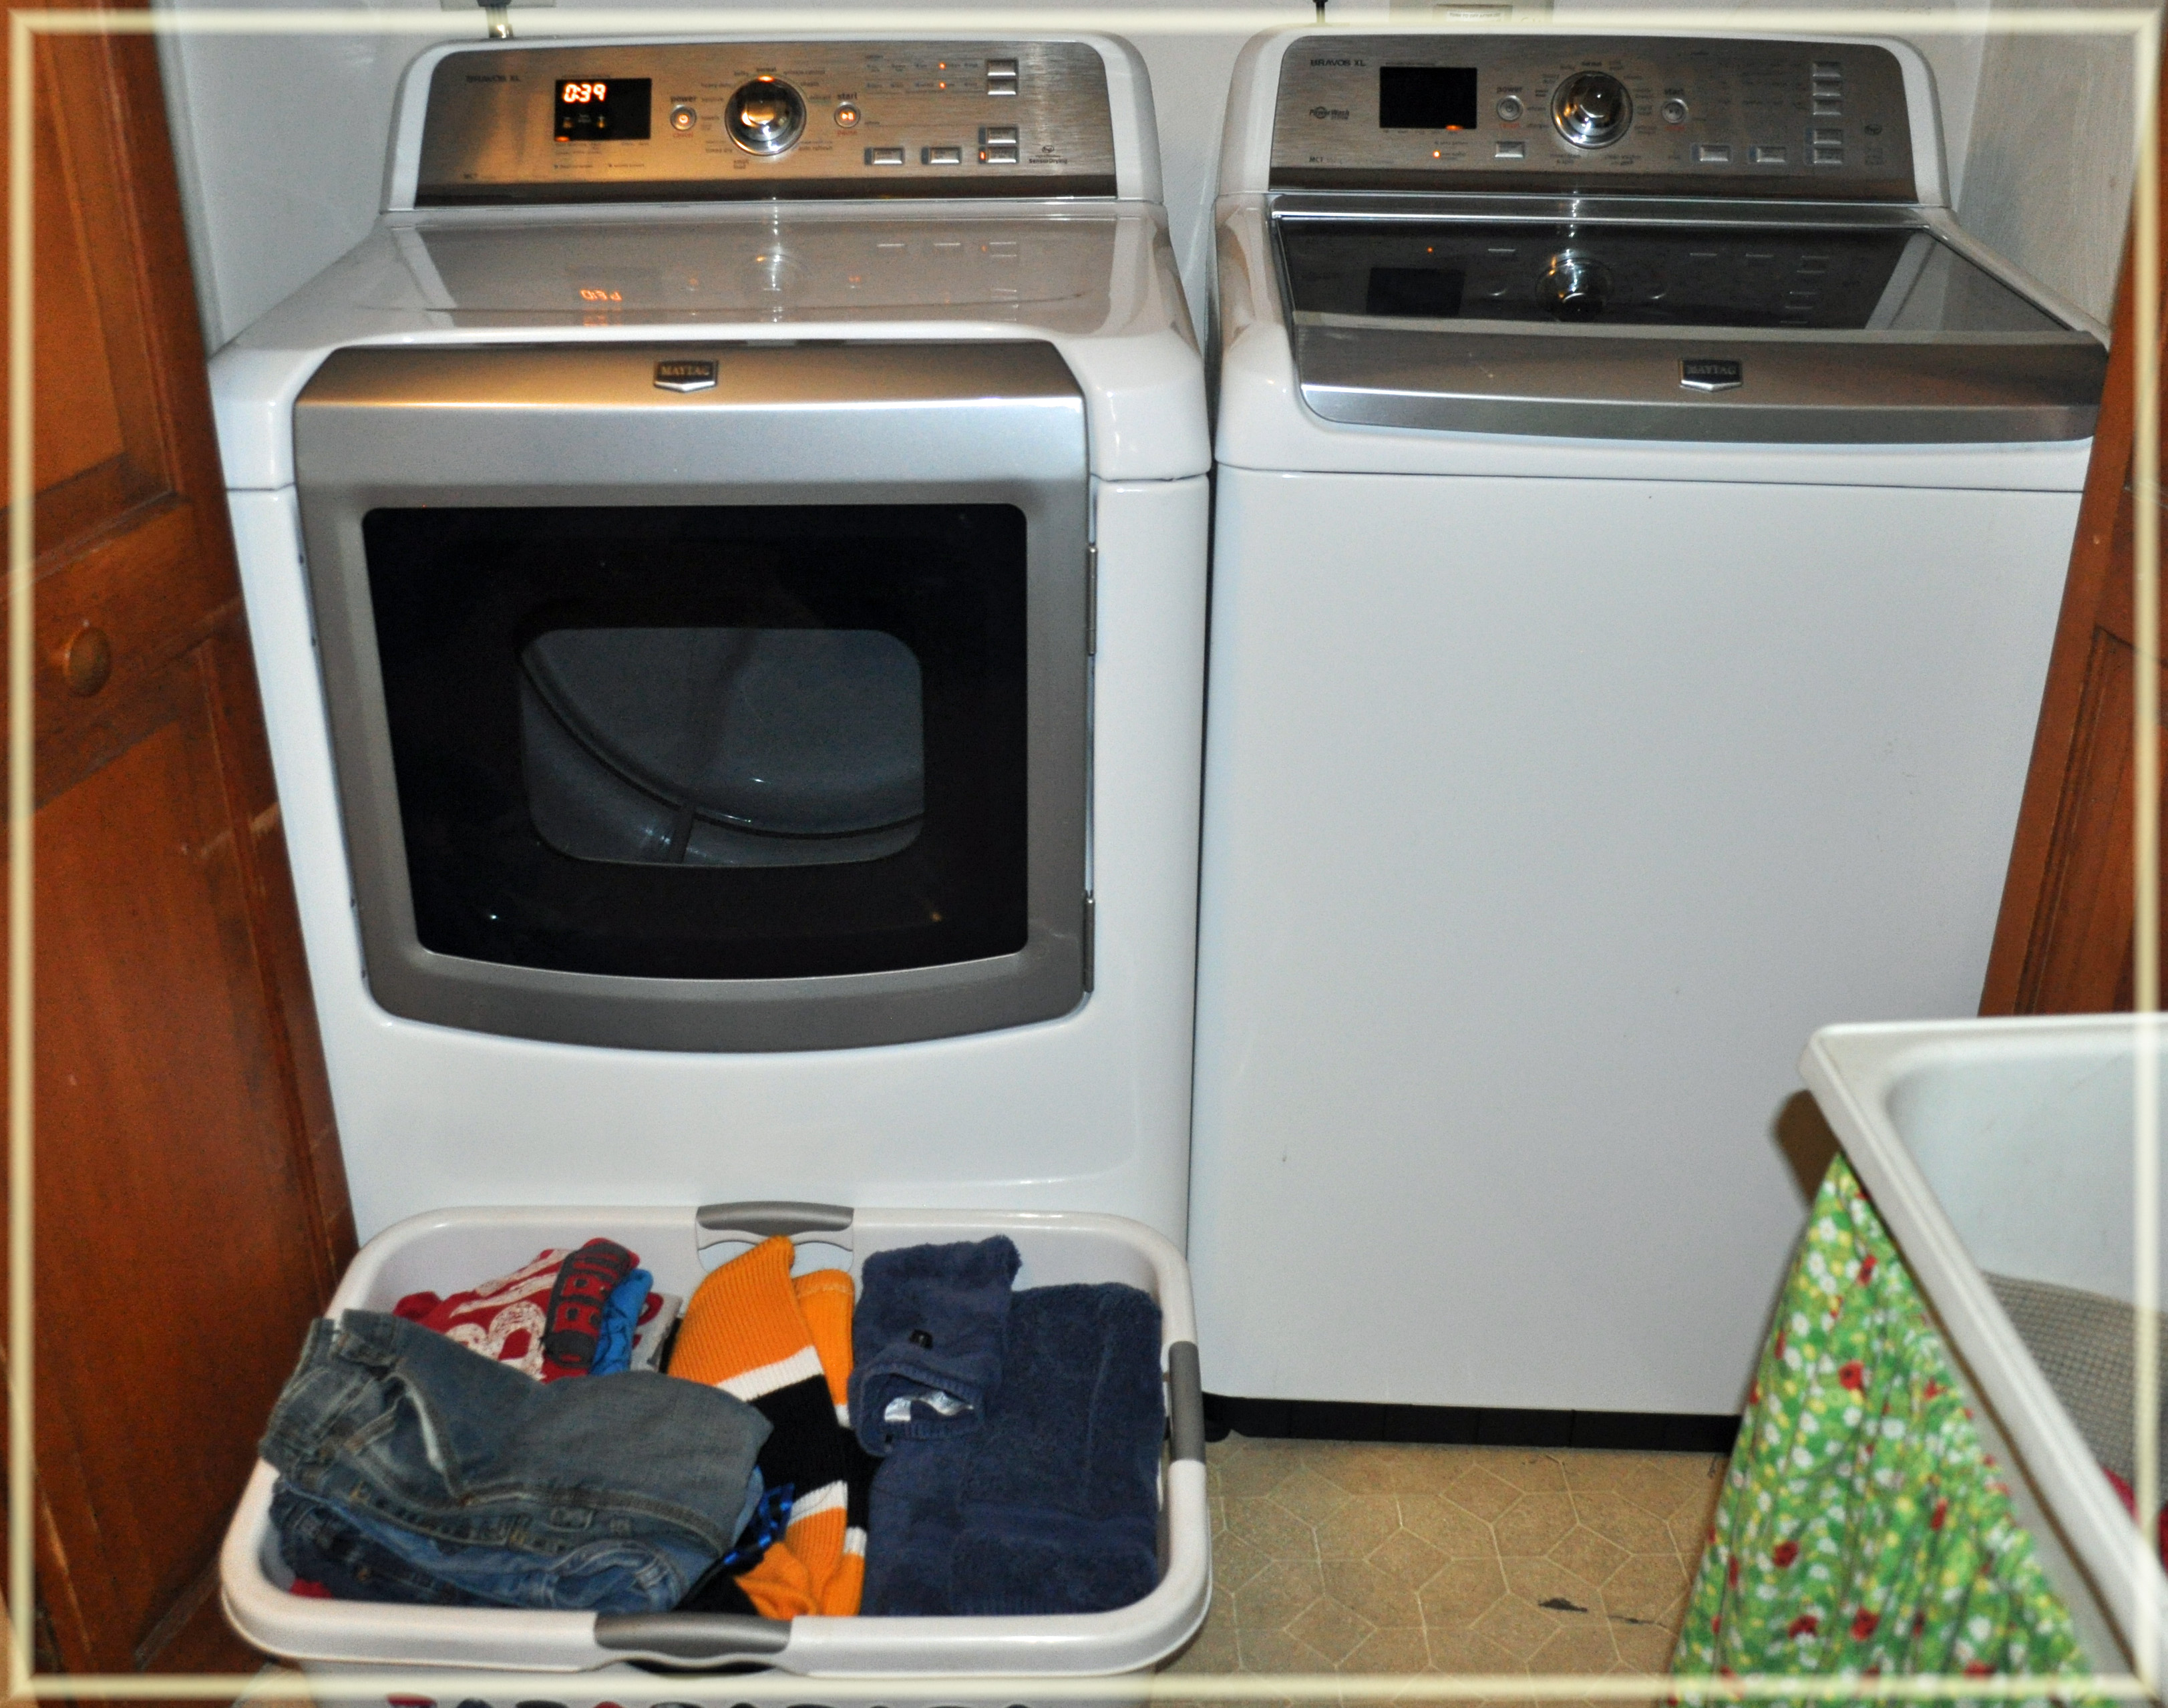 Cozy Maytag Bravos Xl Washer Finds Maytag Bravos Xl Dryer Review Maytag Bravos Xl Dryer houzz 01 Maytag Bravos Xl